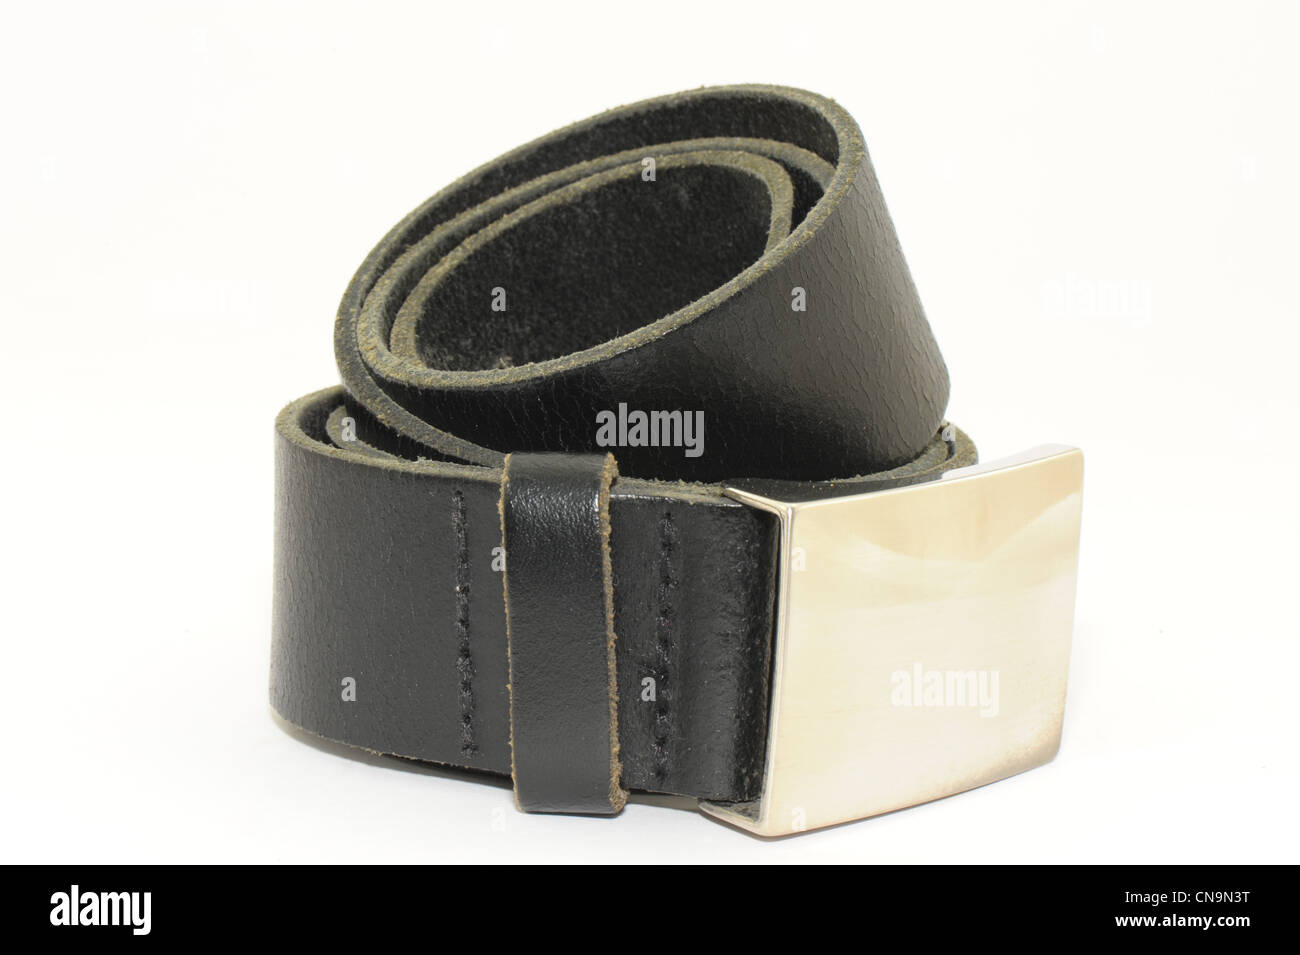 d7cf8701cfb8f0 Herren Gürtel aus schwarzes Leder mit Silberschnalle Verschluss genommen  auf weißem Hintergrund Stockbild